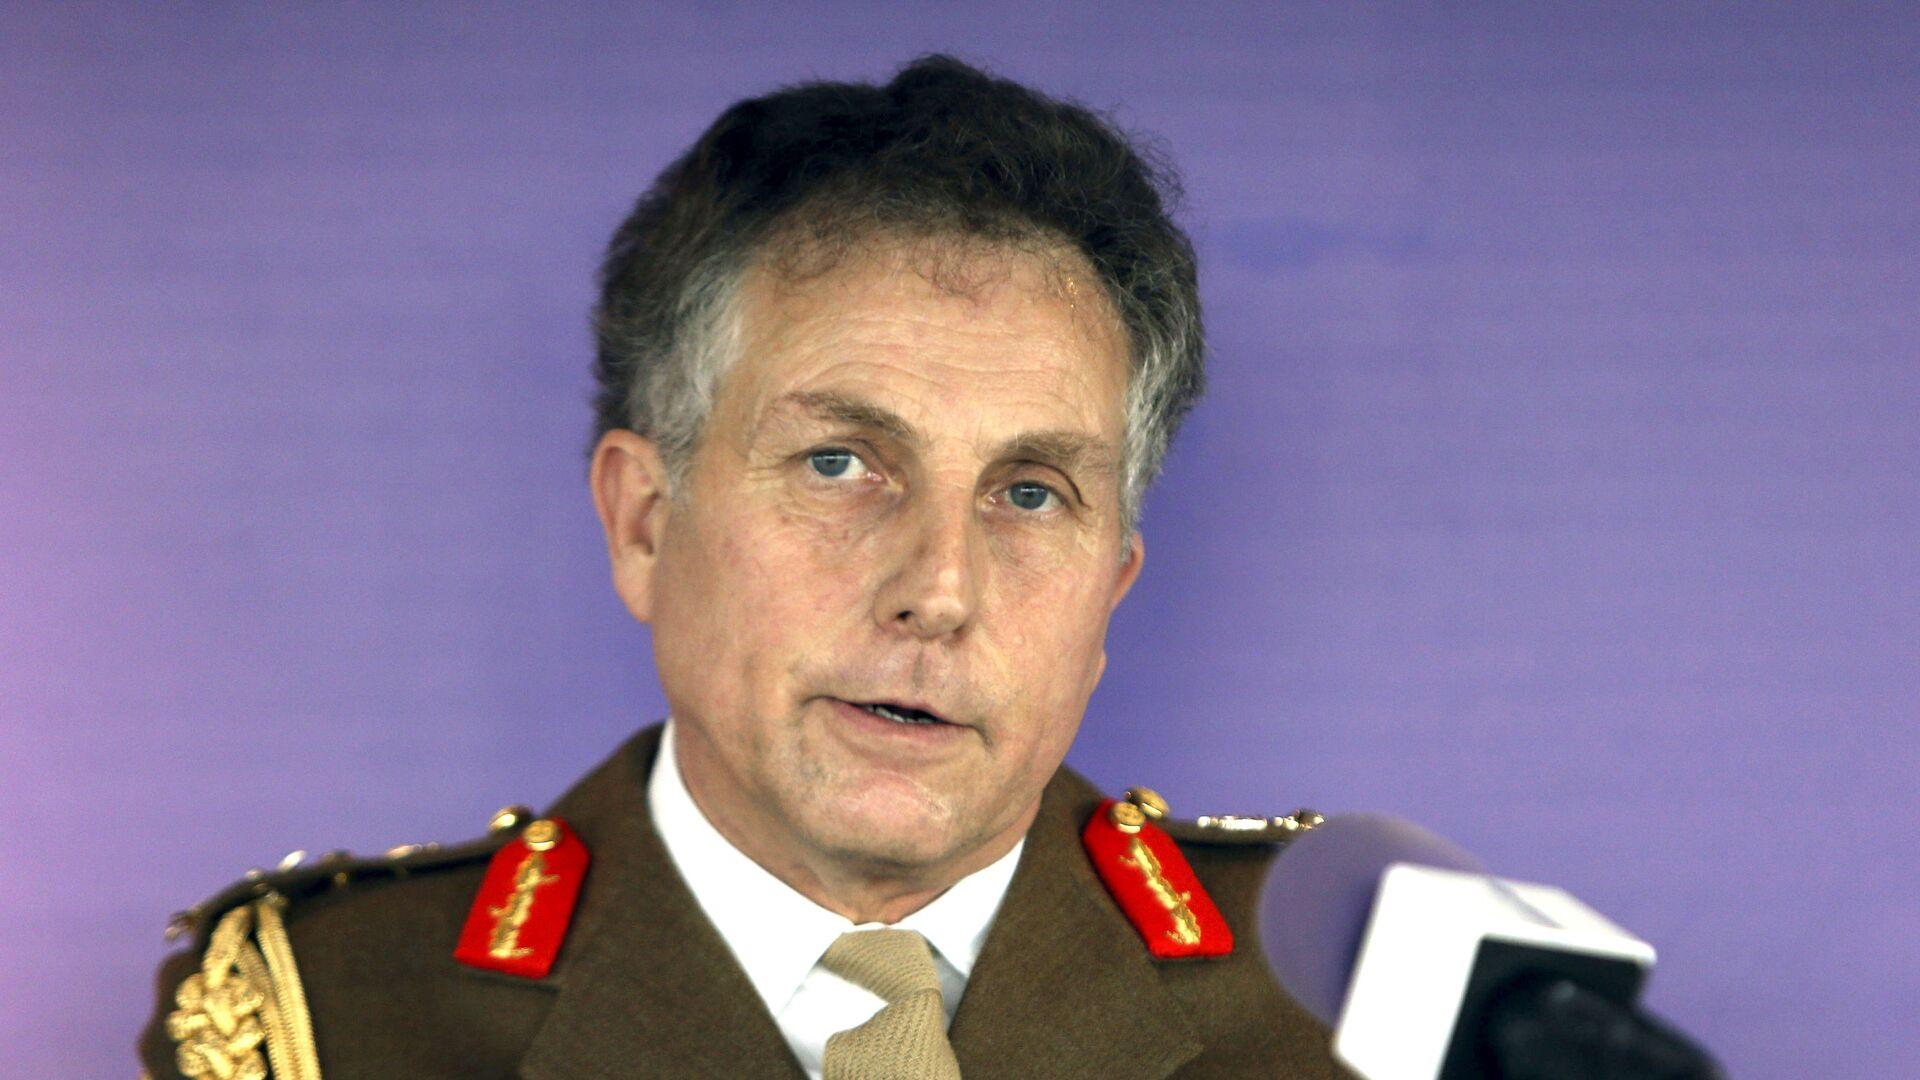 Il capo dello Stato Maggiore dell'Esercito del Regno Unito Nick Carter  - Sputnik Italia, 1920, 25.06.2021